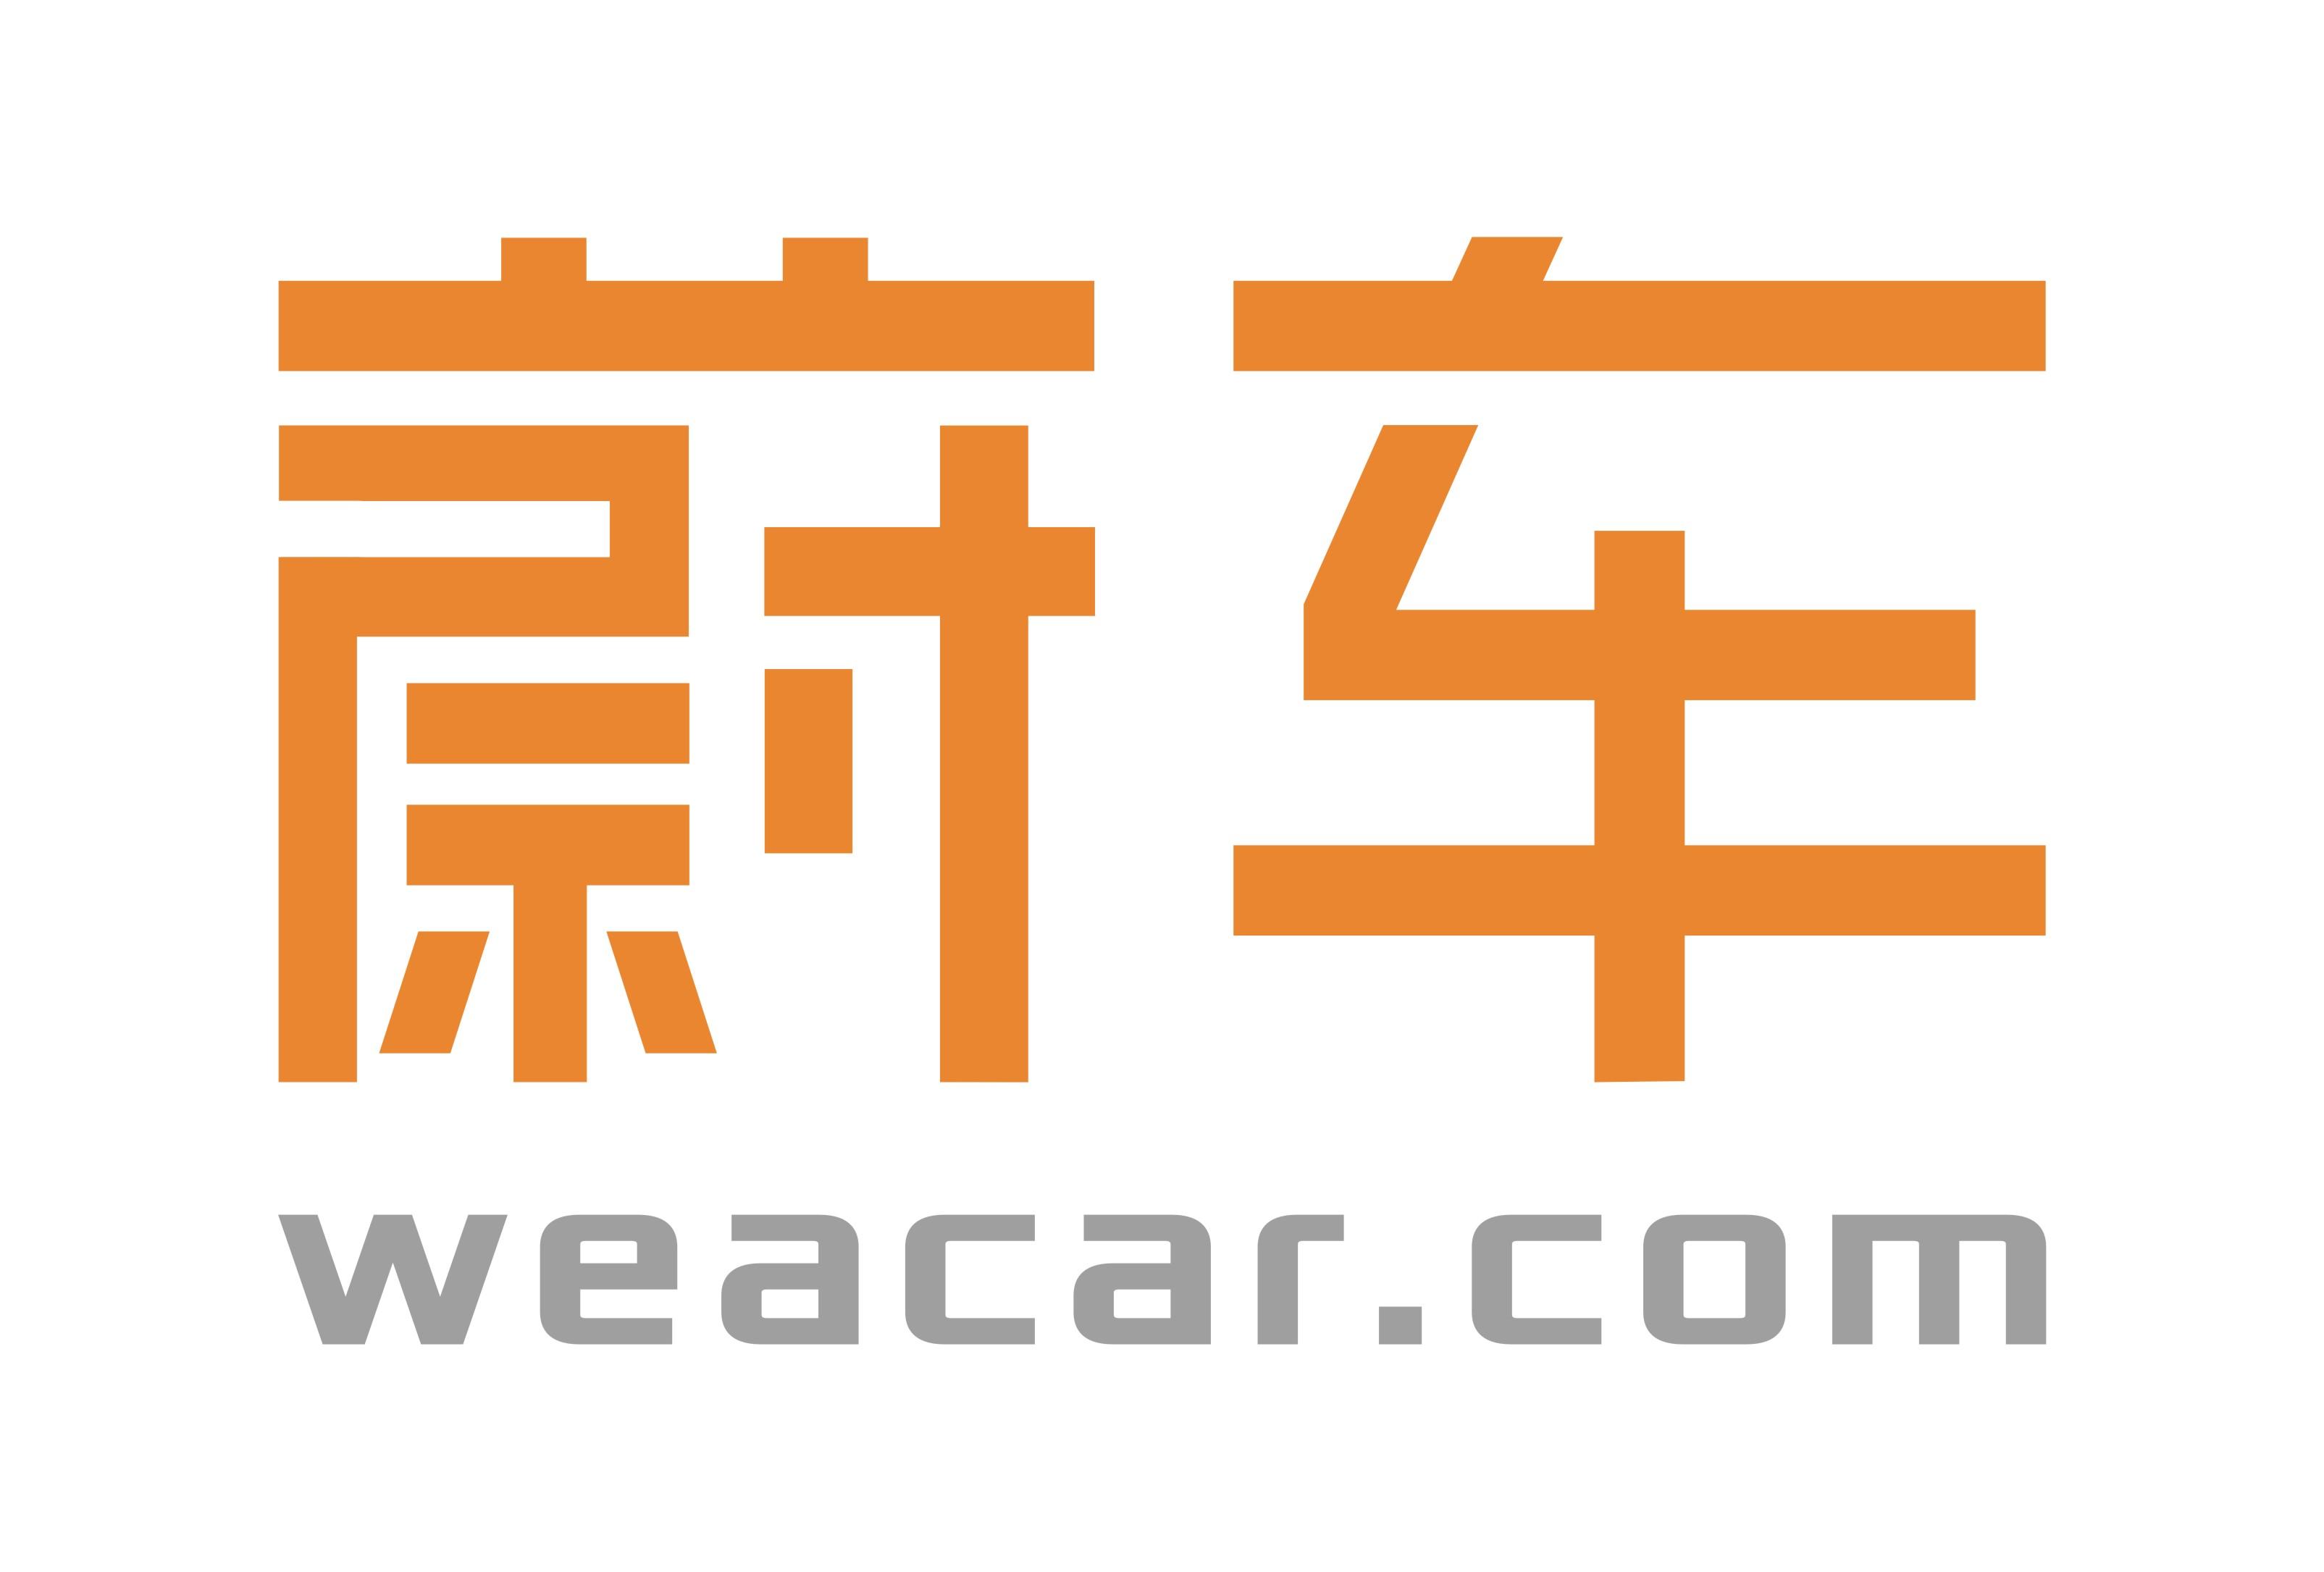 蔚車-廣東省營運中心(中山市鋒匯名車貿易有限公司)